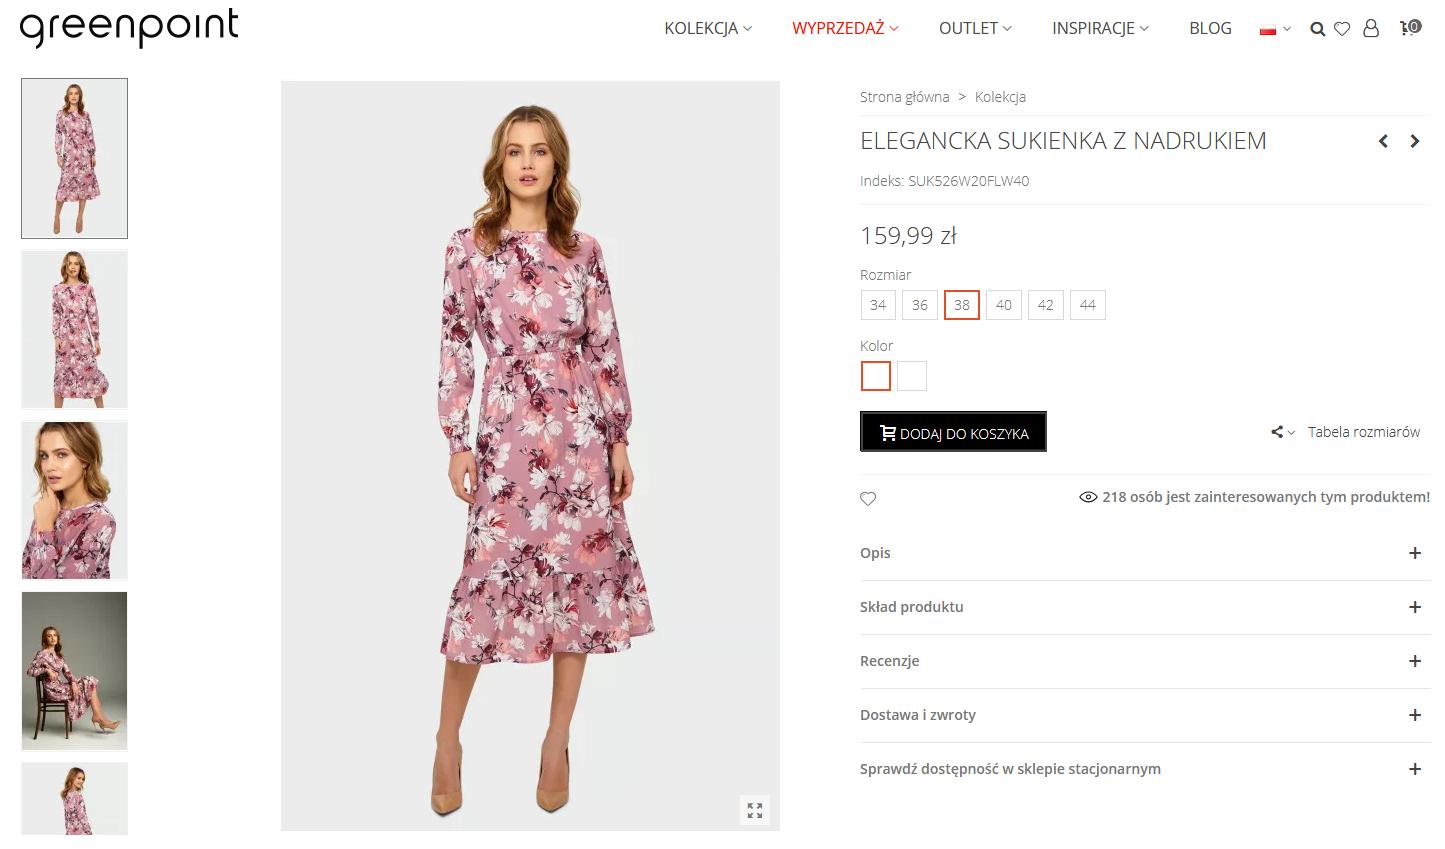 Screenshot_2021-01-29 Elegancka sukienka z nadrukiem Rozmiar 38 Kolor W20FLW40